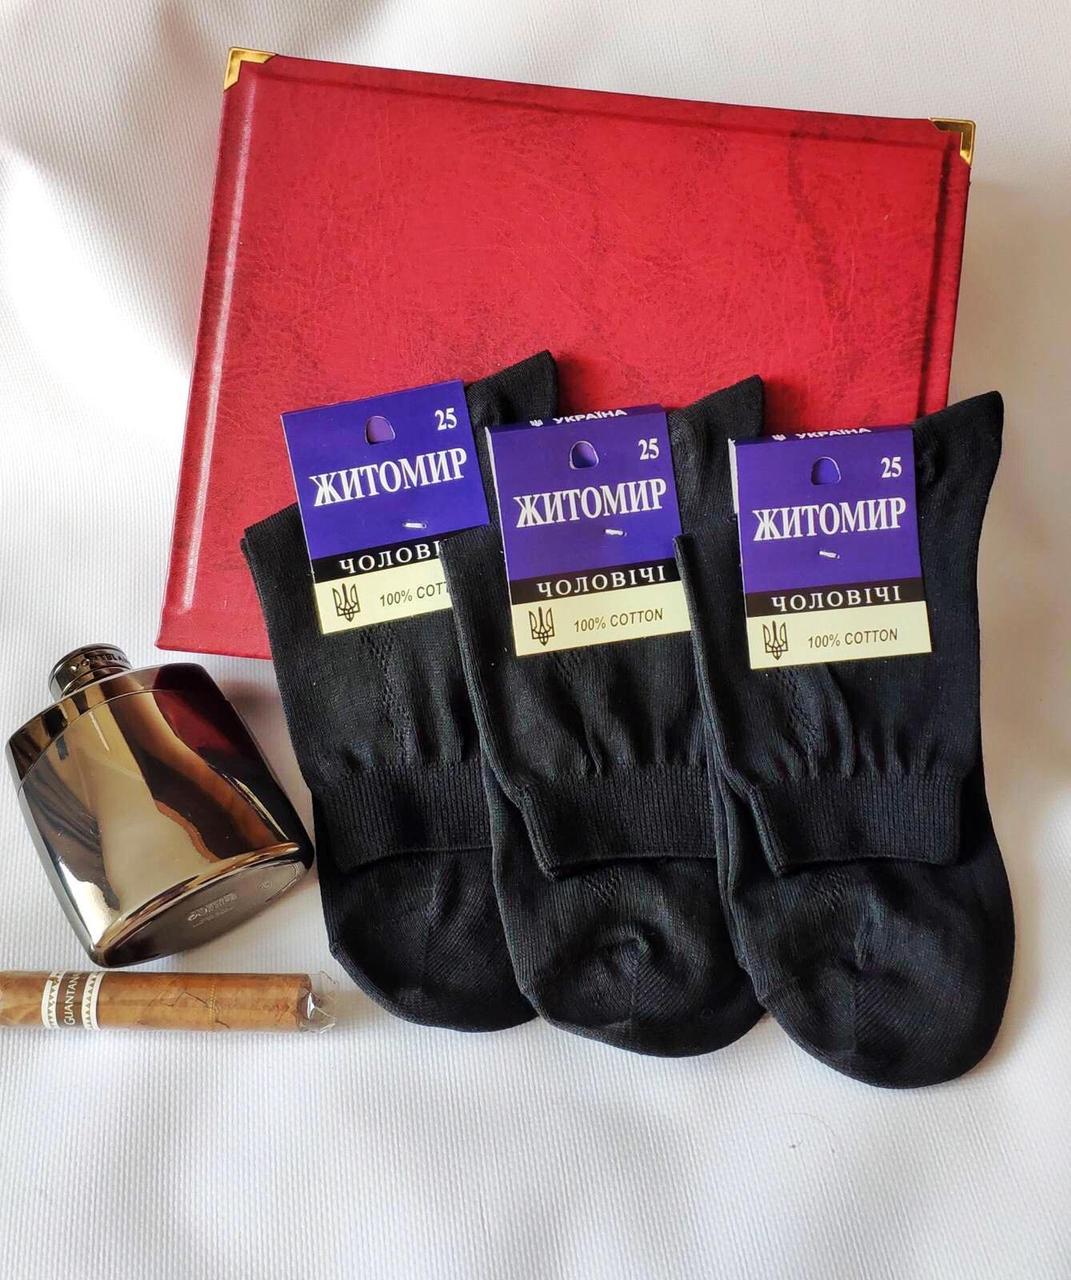 Шкарпетки чоловічі демісезонні 100% бавовна Житомир розмір 25 (38-40)